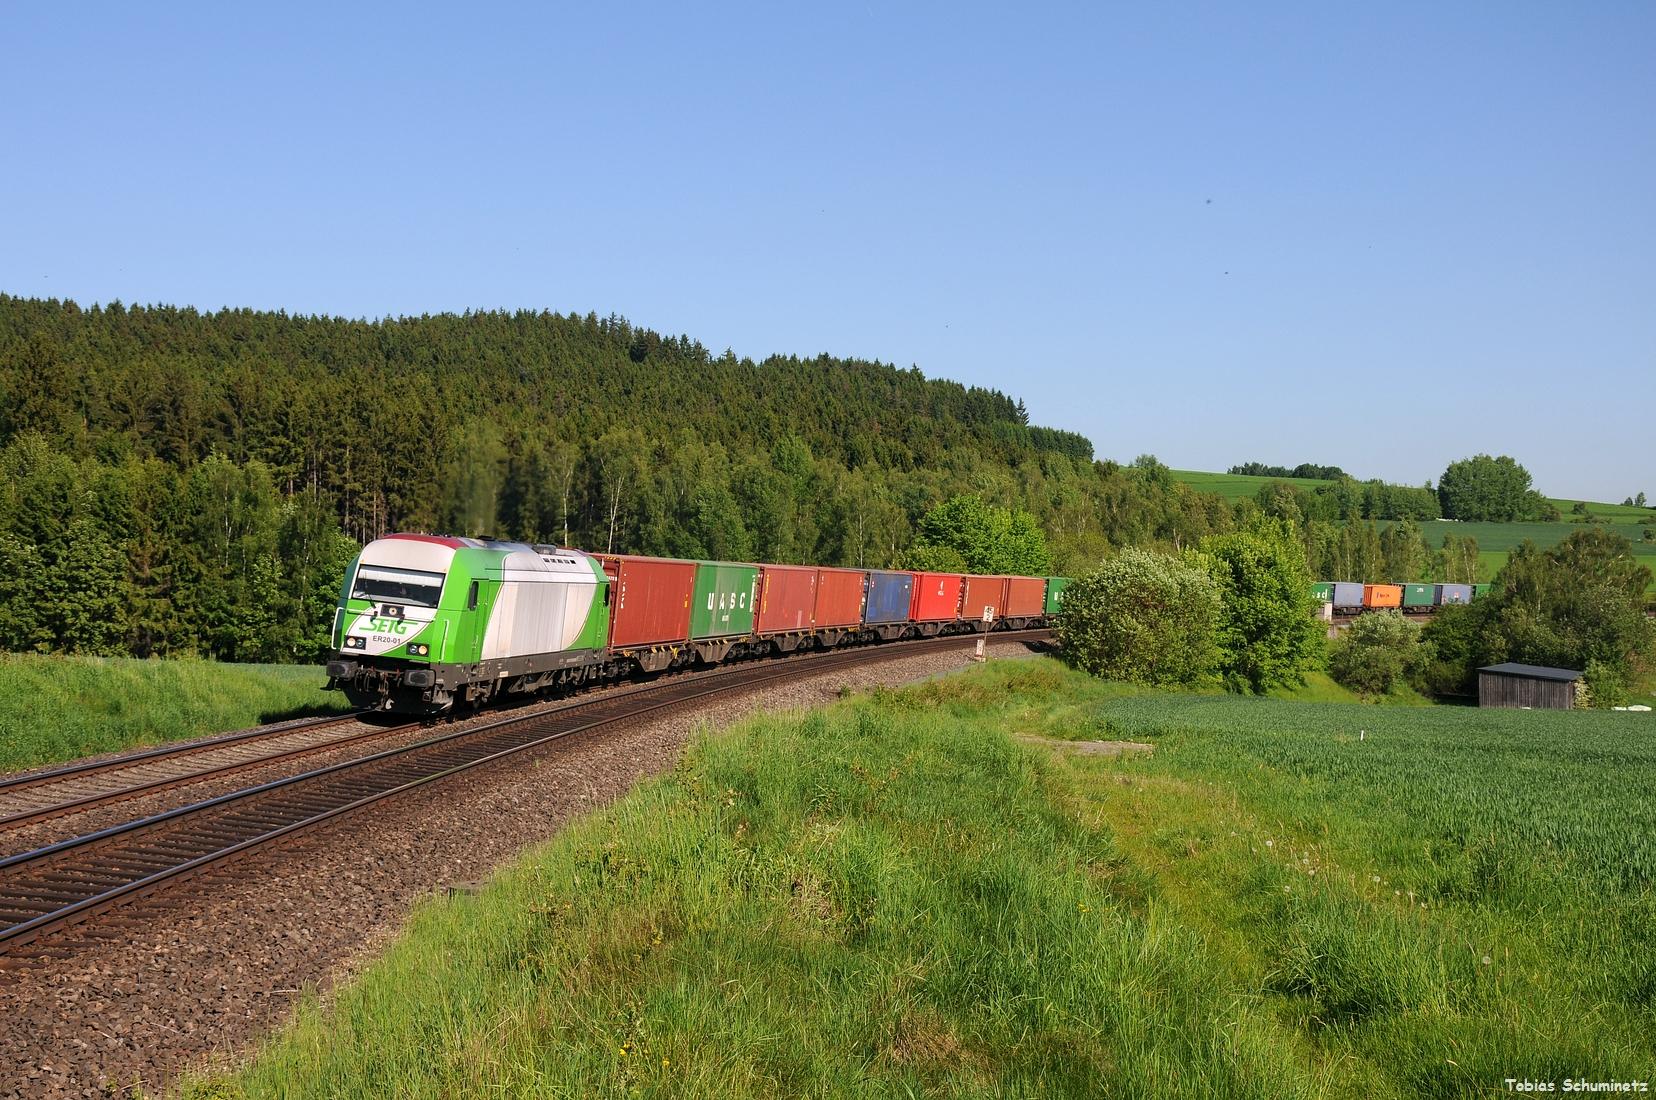 Gleich im Anschluss bin ich nach Lengenfeld gefahren um den Wiesau-Containerzug mit SETg ER20-01 aufzunehmen.